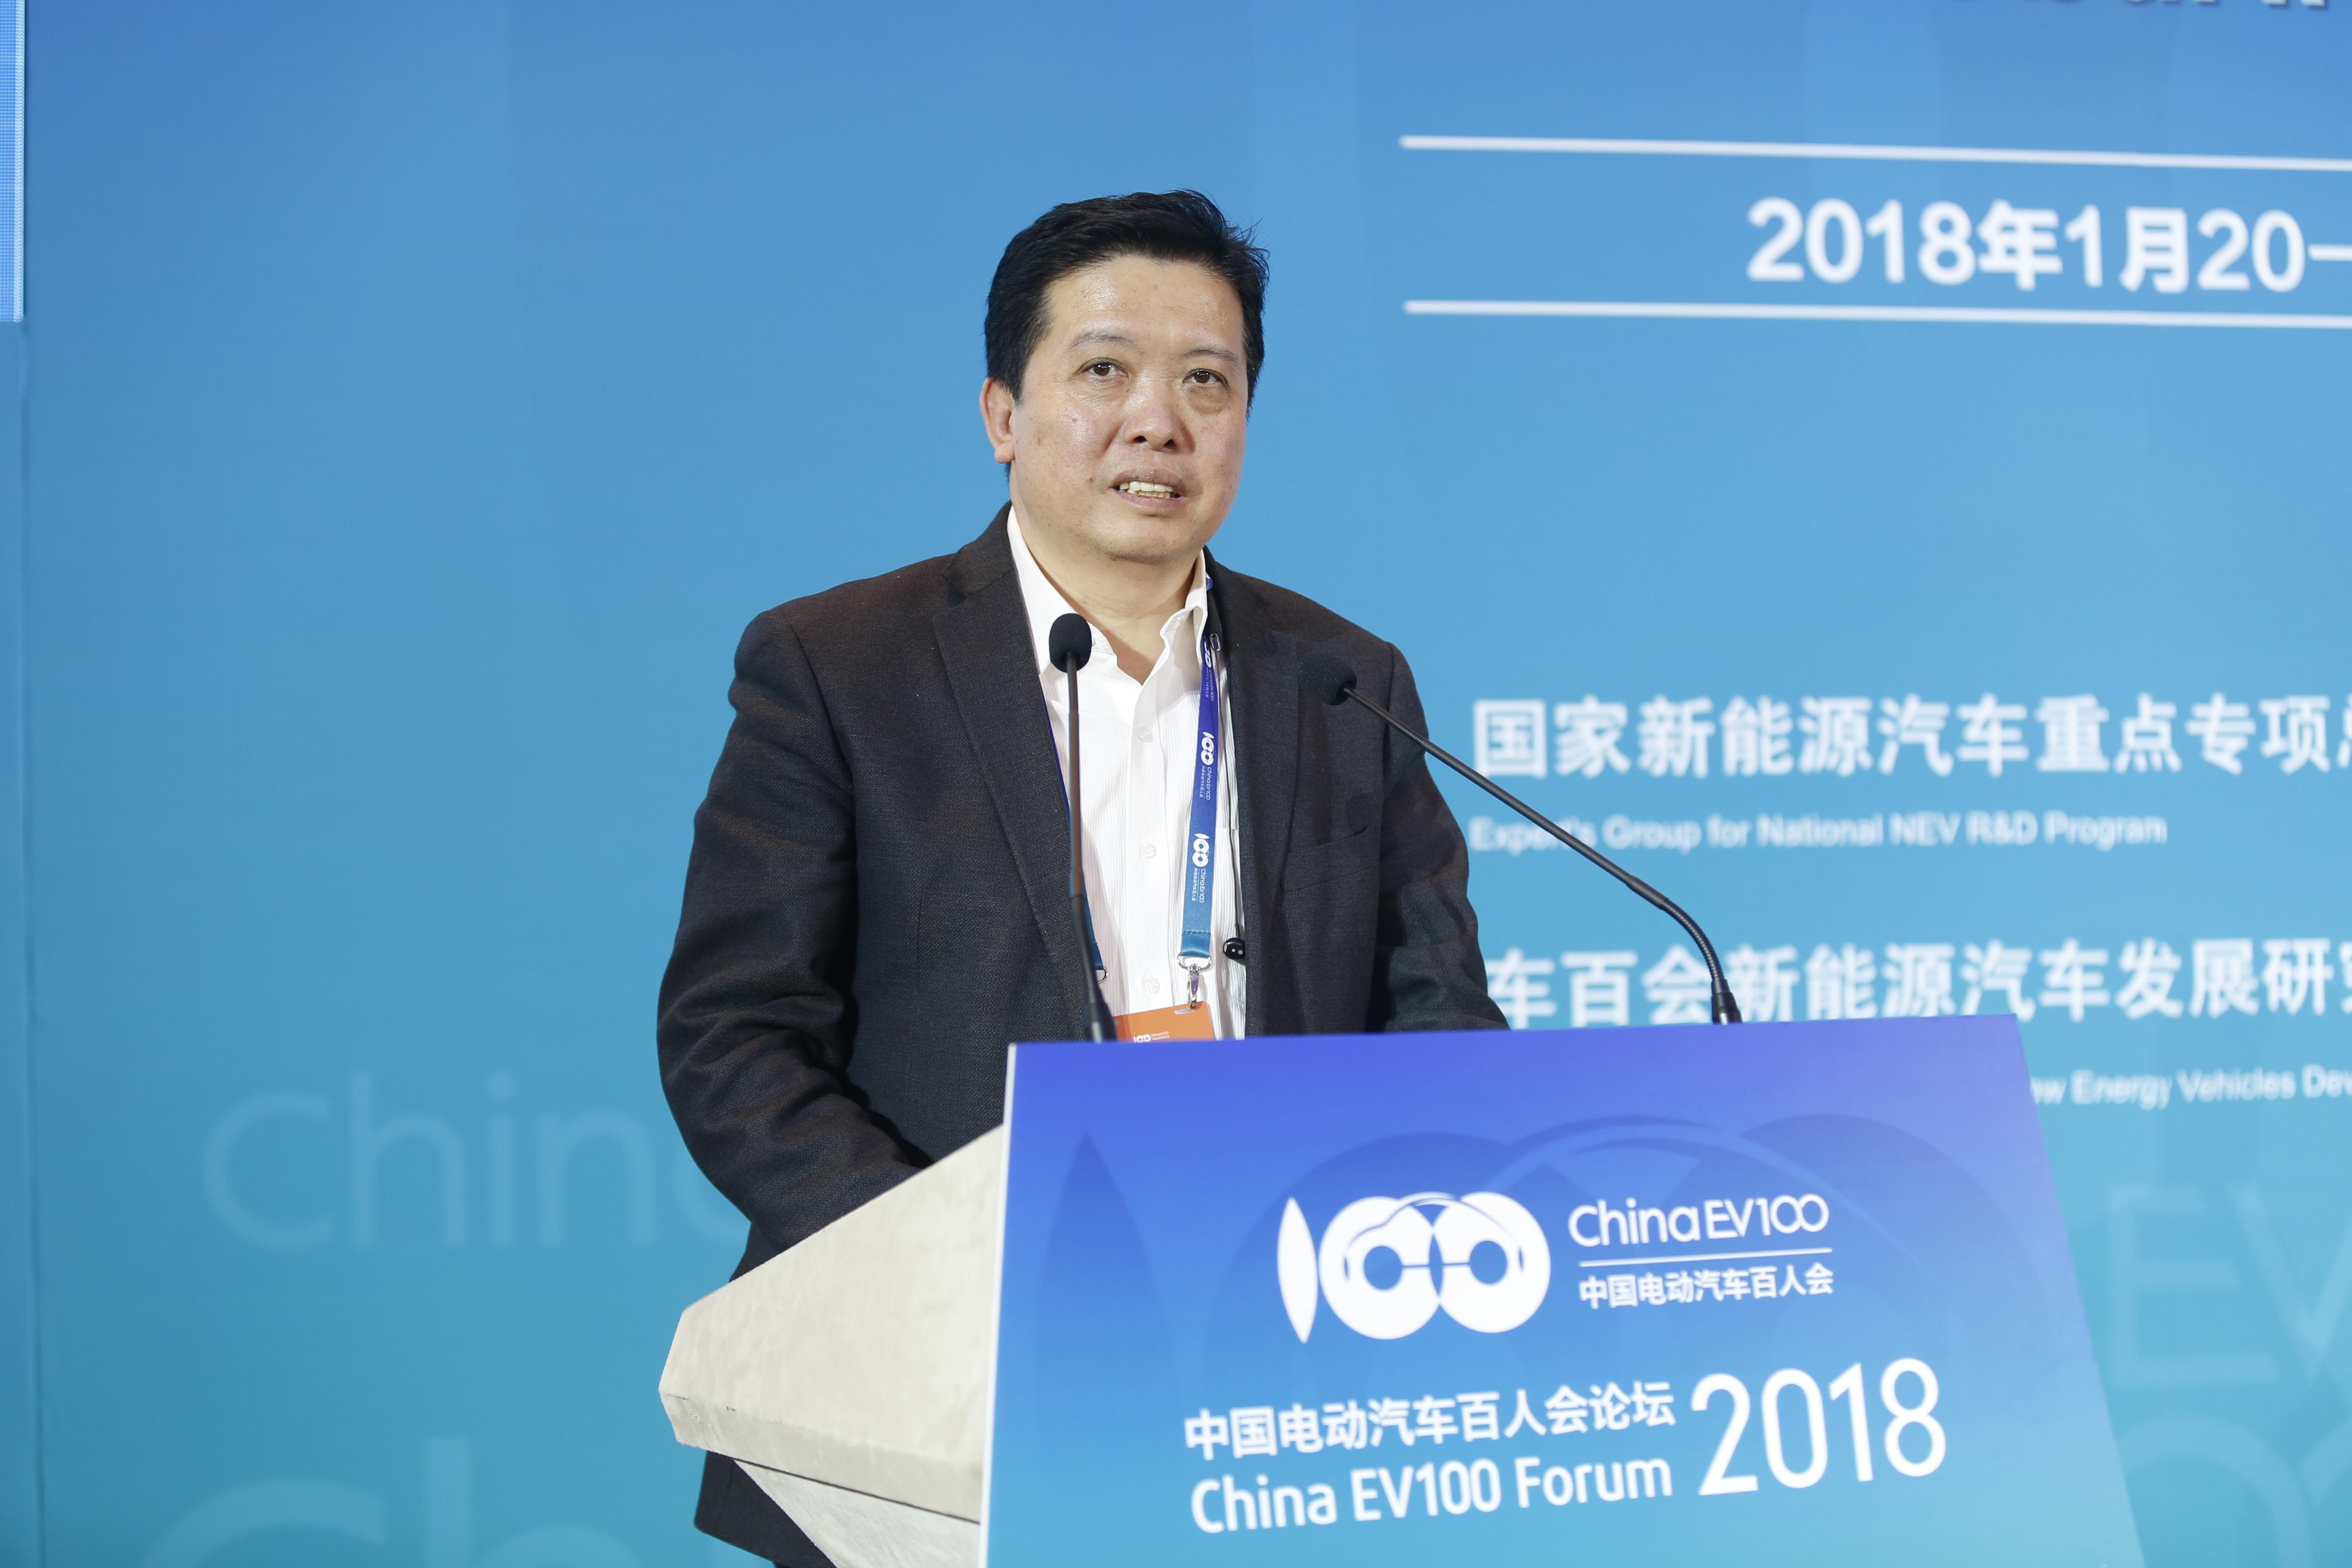 王映民:大唐LTE-V助力智能网联汽车的发展